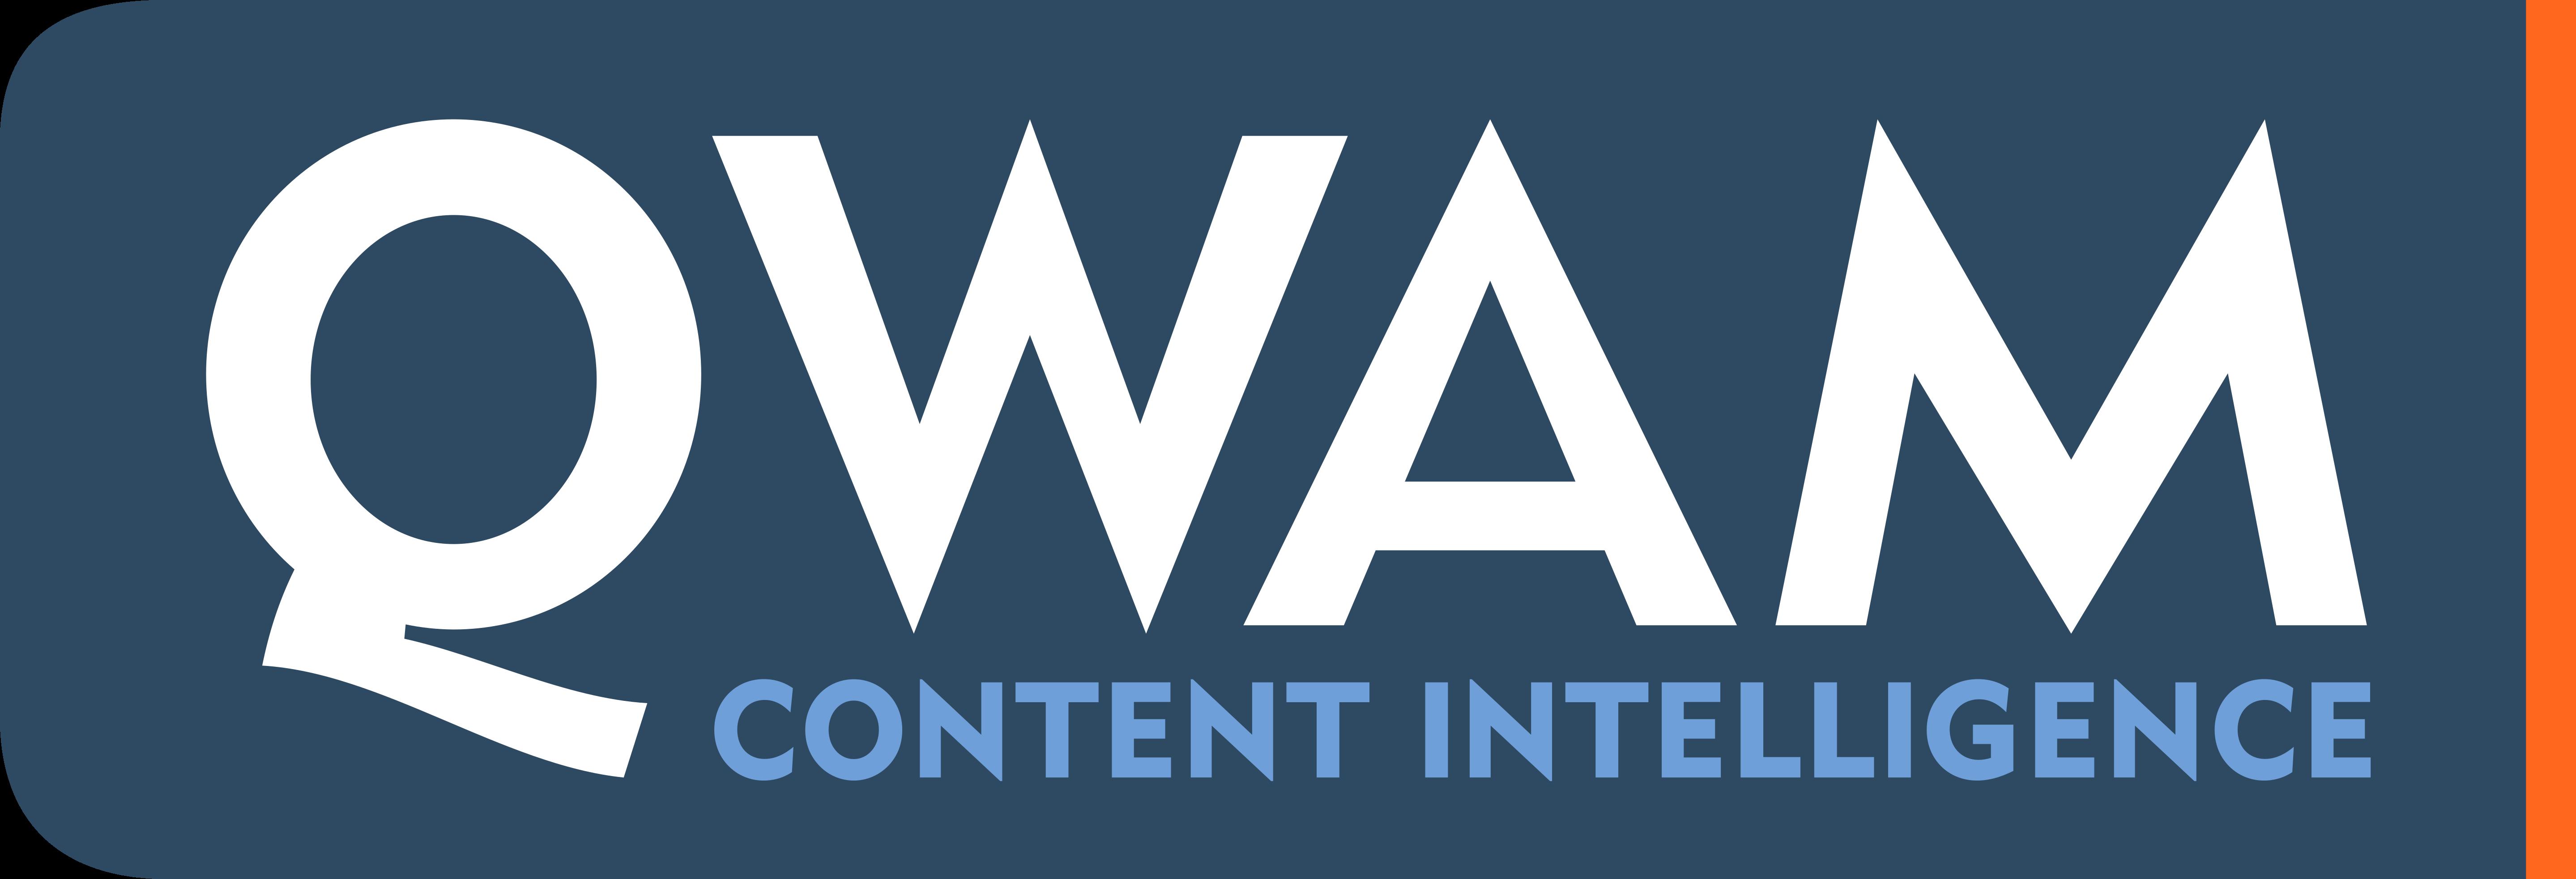 Qwam-logo